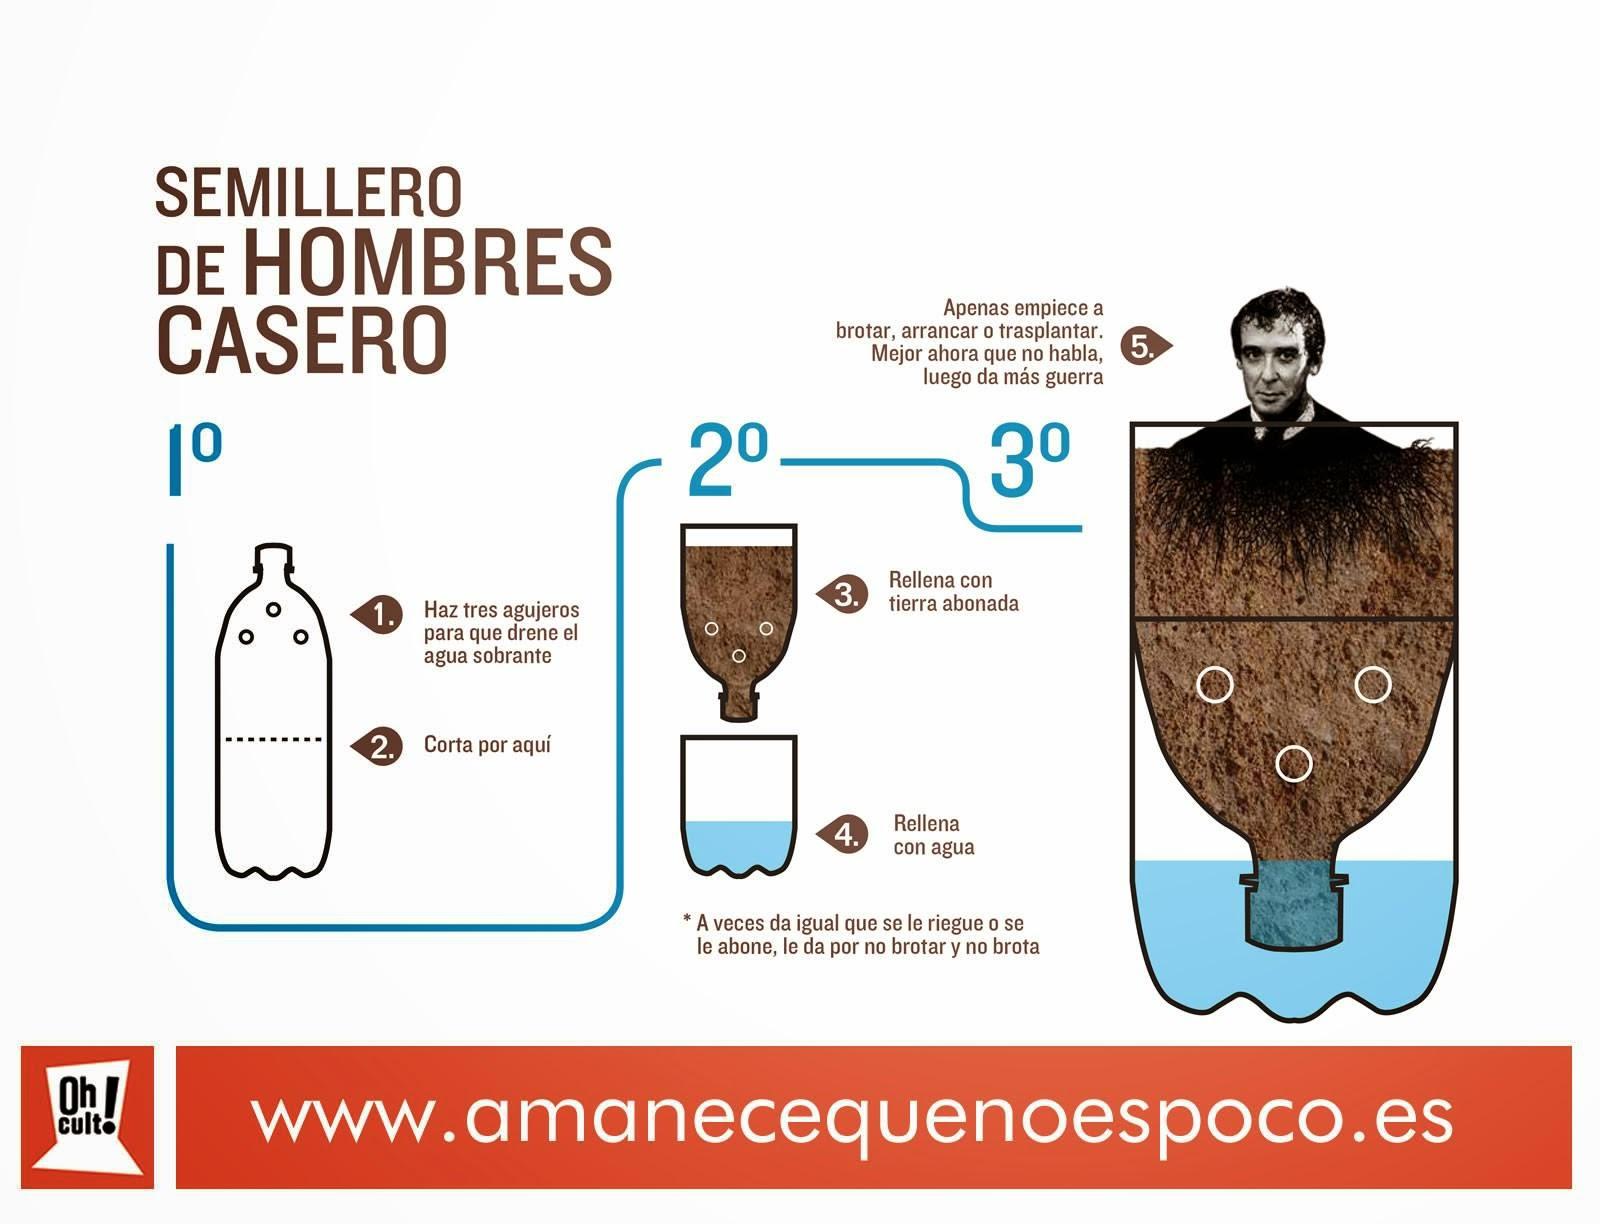 http://amanecequenoespoco.es/camisetas-chica/12-camiseta-semillero-de-hombres-chica.html